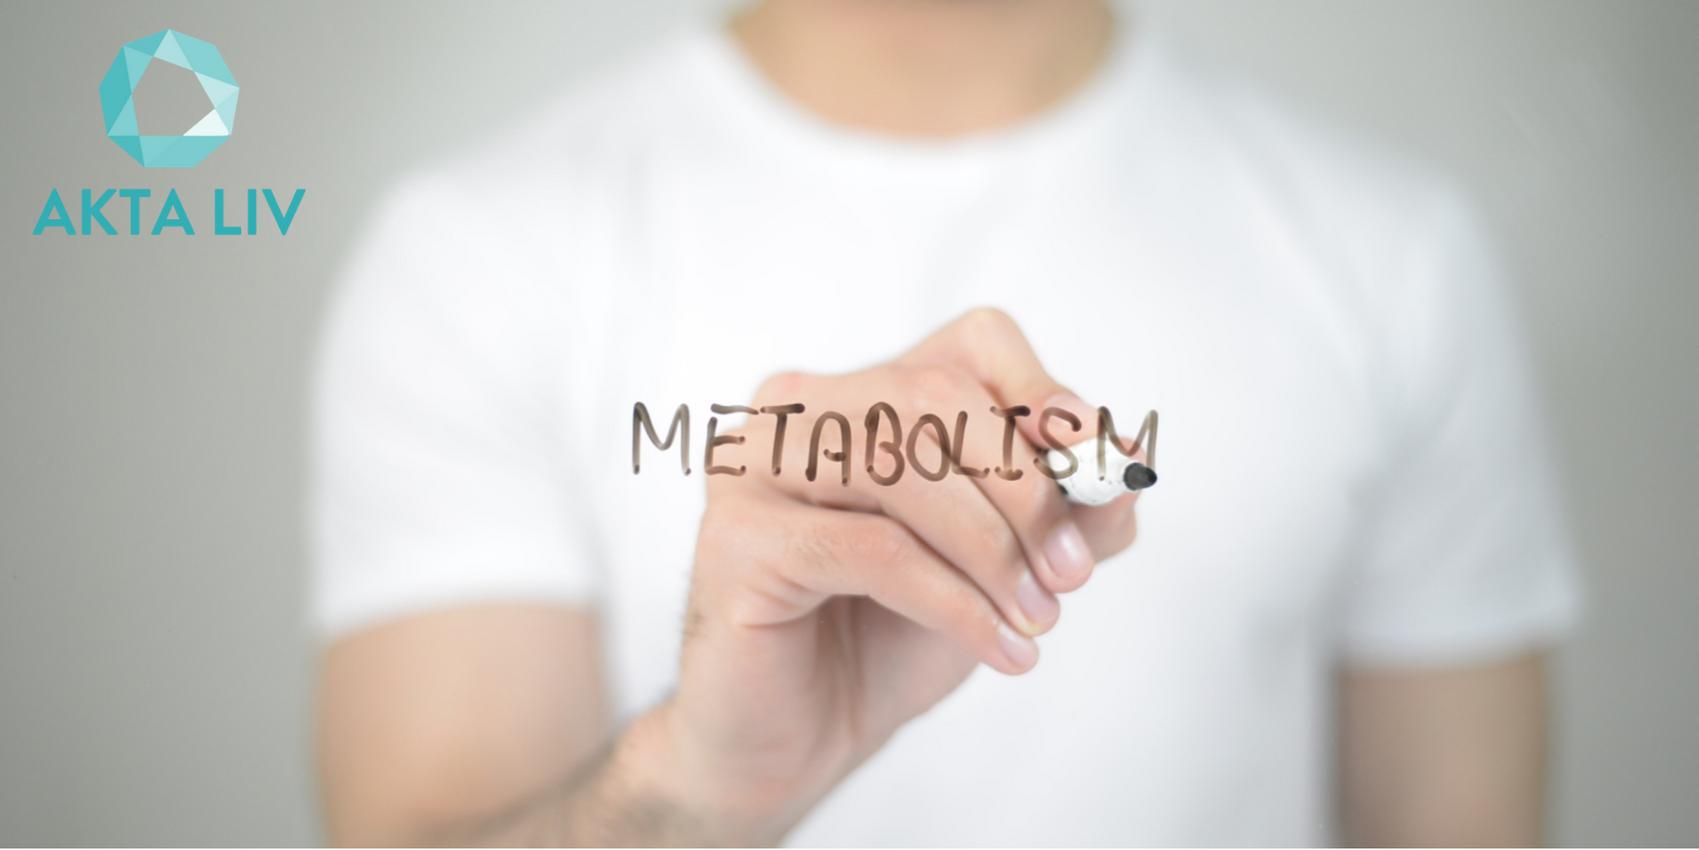 AKTA LIV - clinica de endocrinologia vila mariana - emagrecimento - metabolismo - obesidade